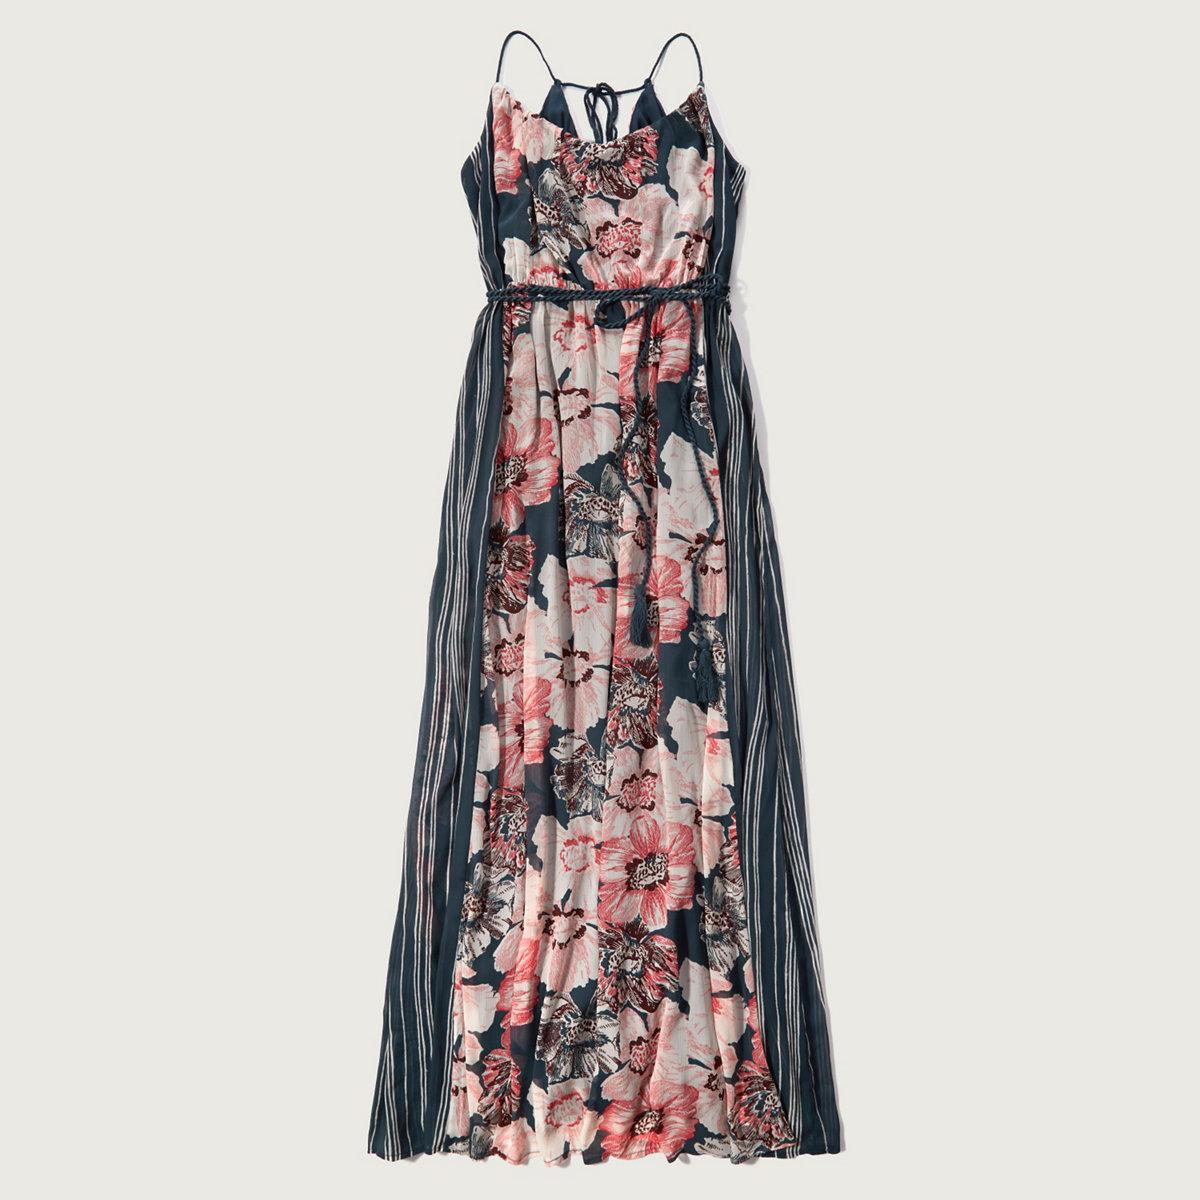 Patterned Chiffon Maxi Dress